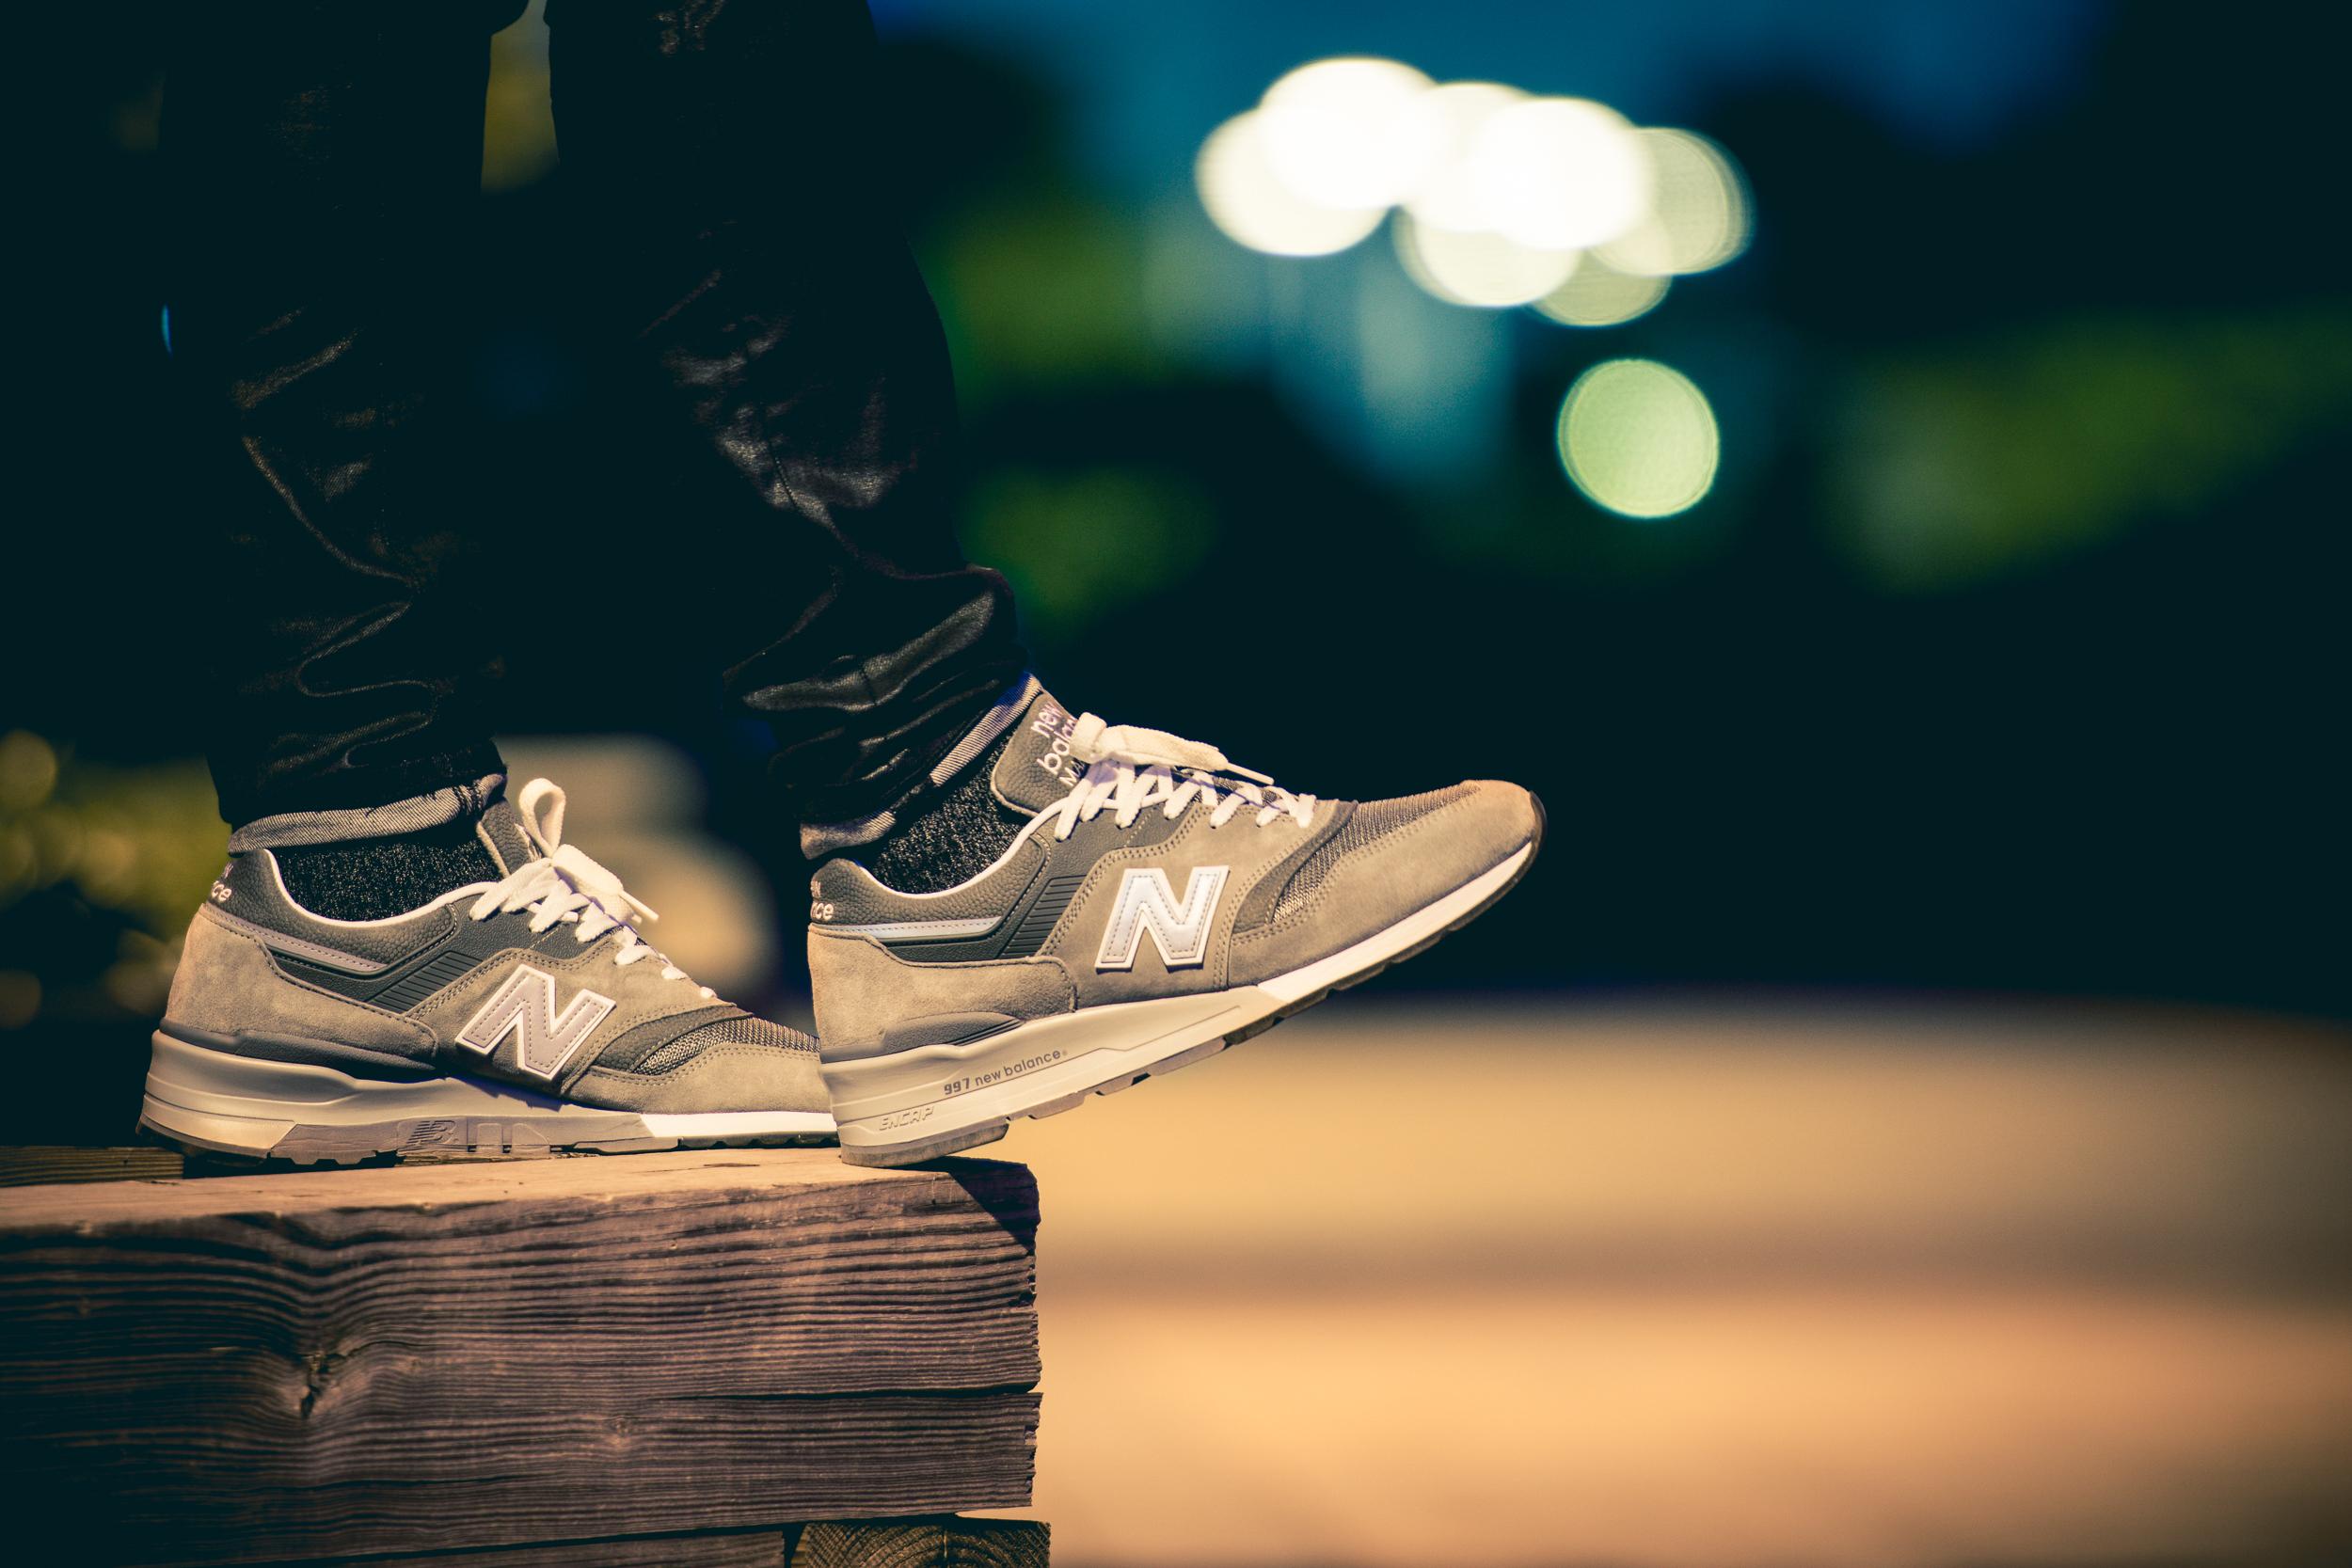 デスクトップ壁紙 水 スペース 空 光 女の子 点灯 夜景撮影 闇 ストリートフォトグラフィー D7100 靴 ファッションフォトグラフィー Nikond7100 ストリートウェア 履物 メンズウェア メンズファッション チームニコン Wdywt スニークコレクション